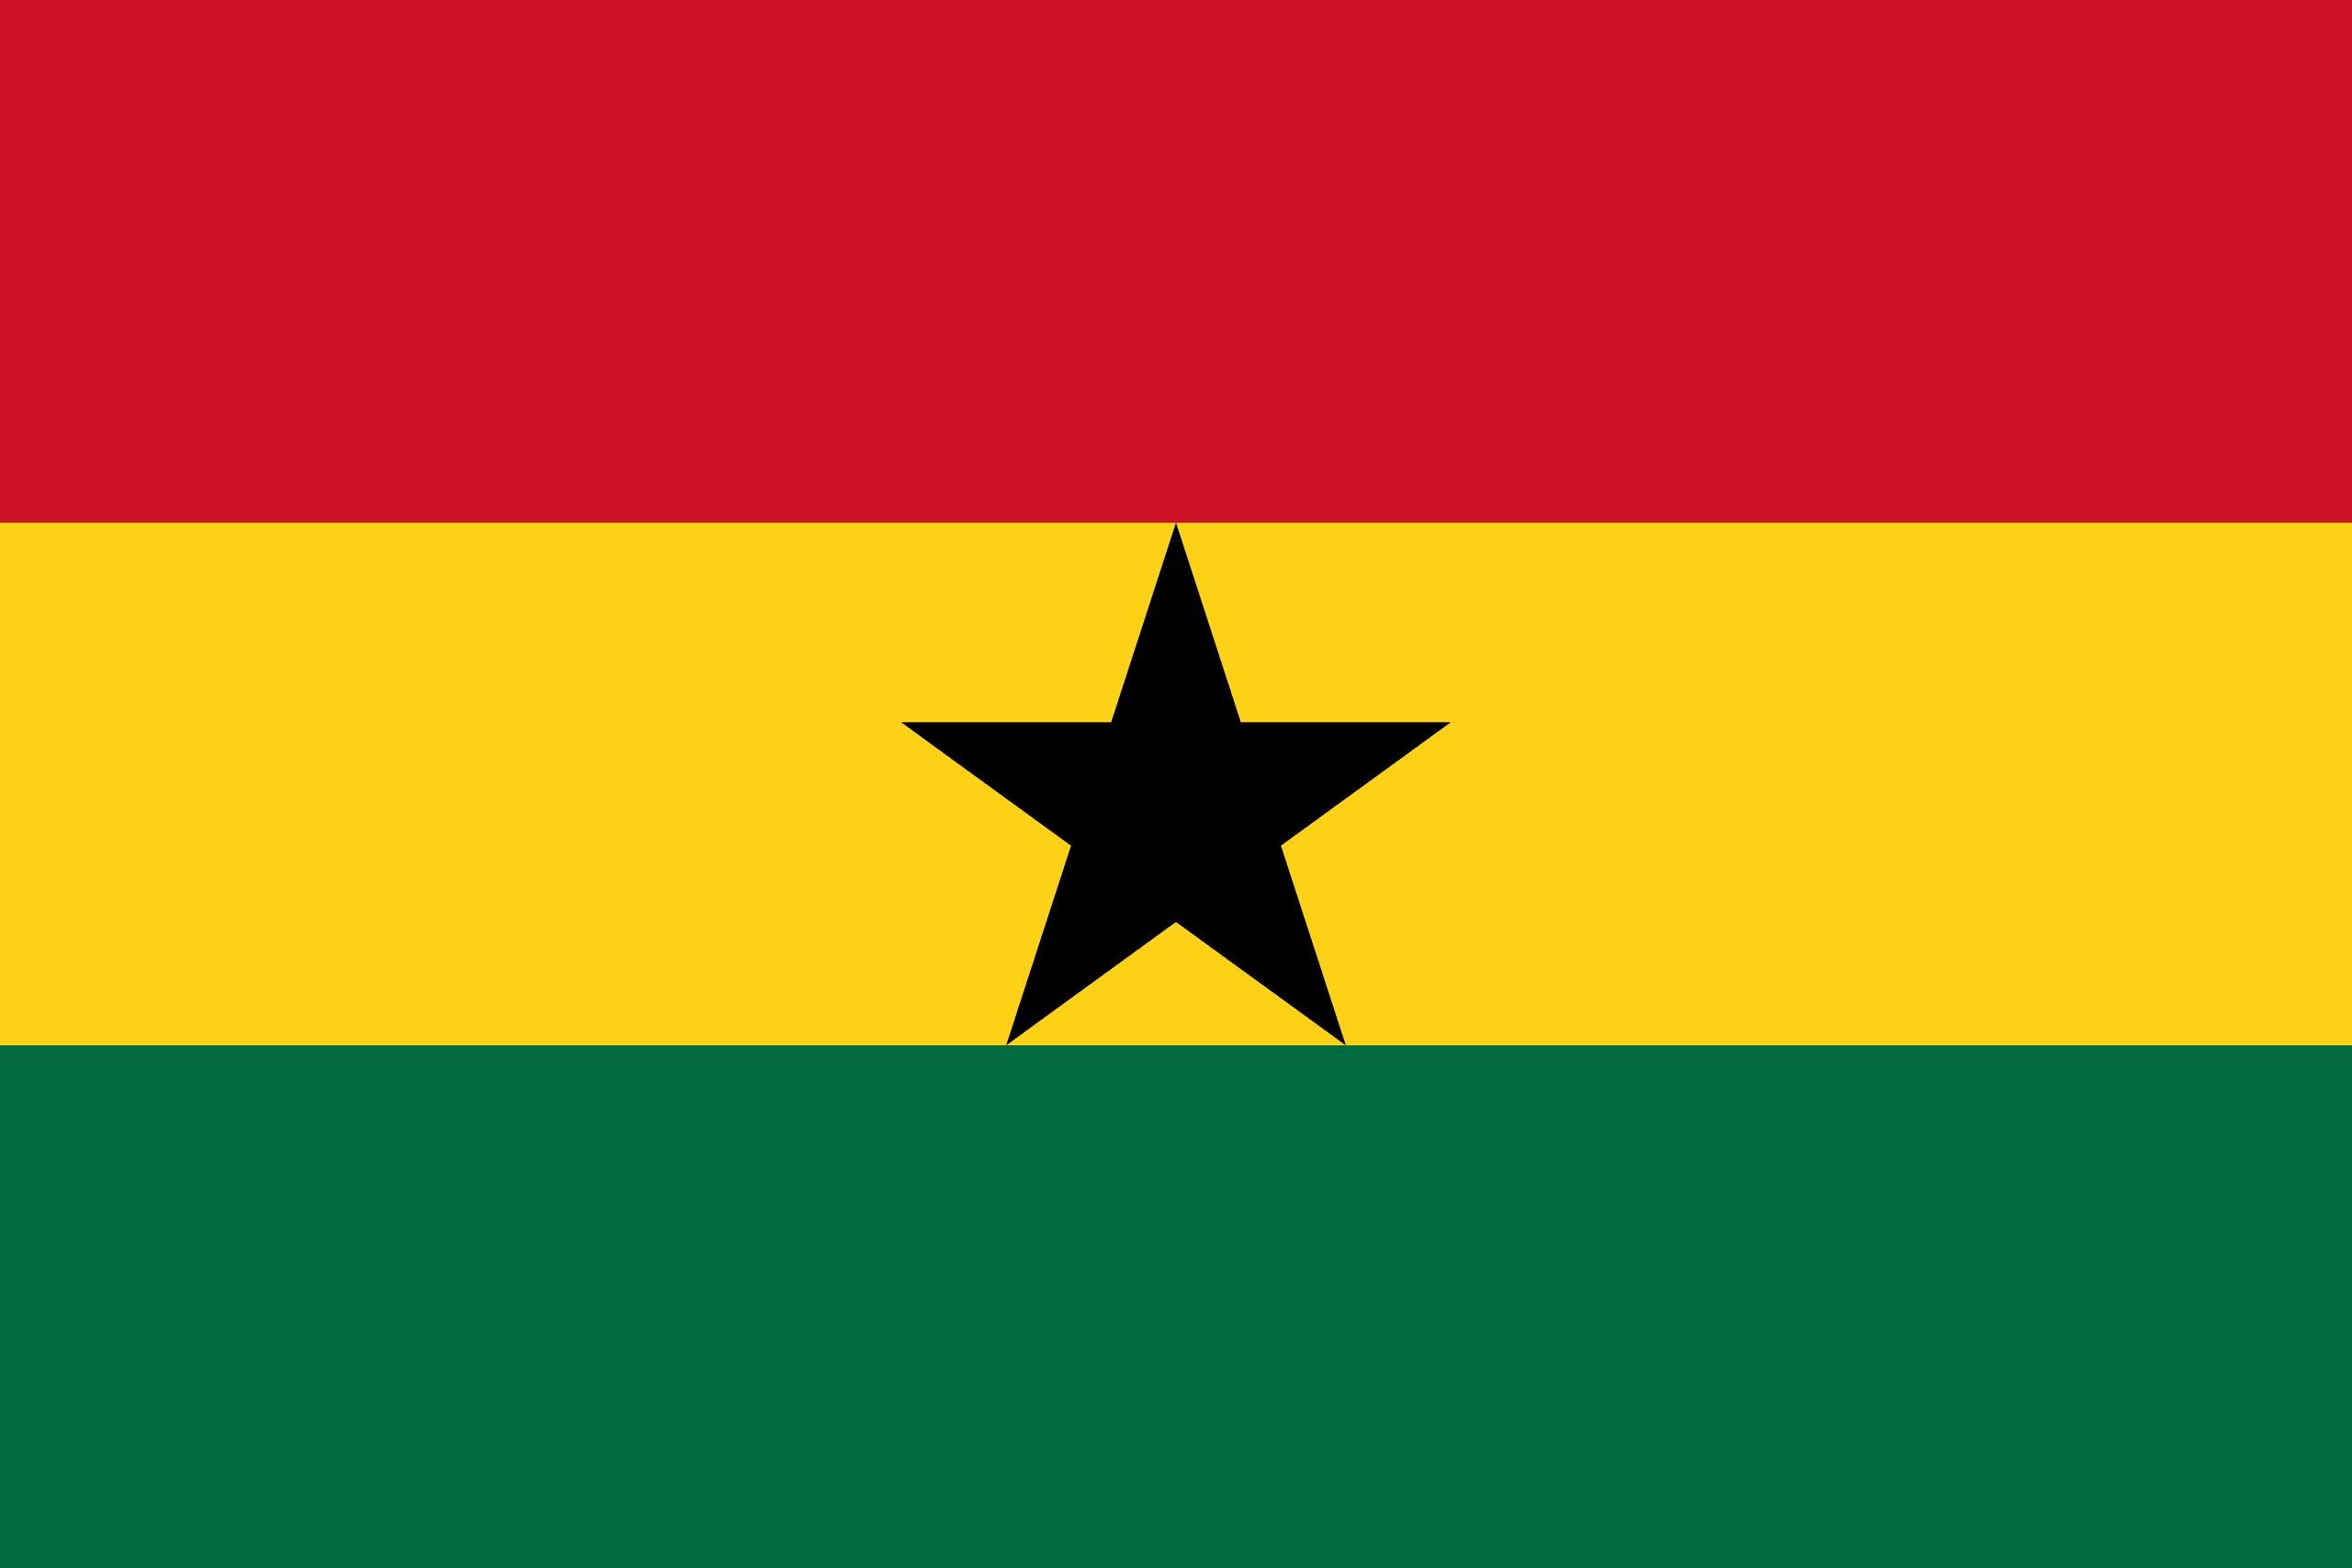 Illustration of Ghana flag